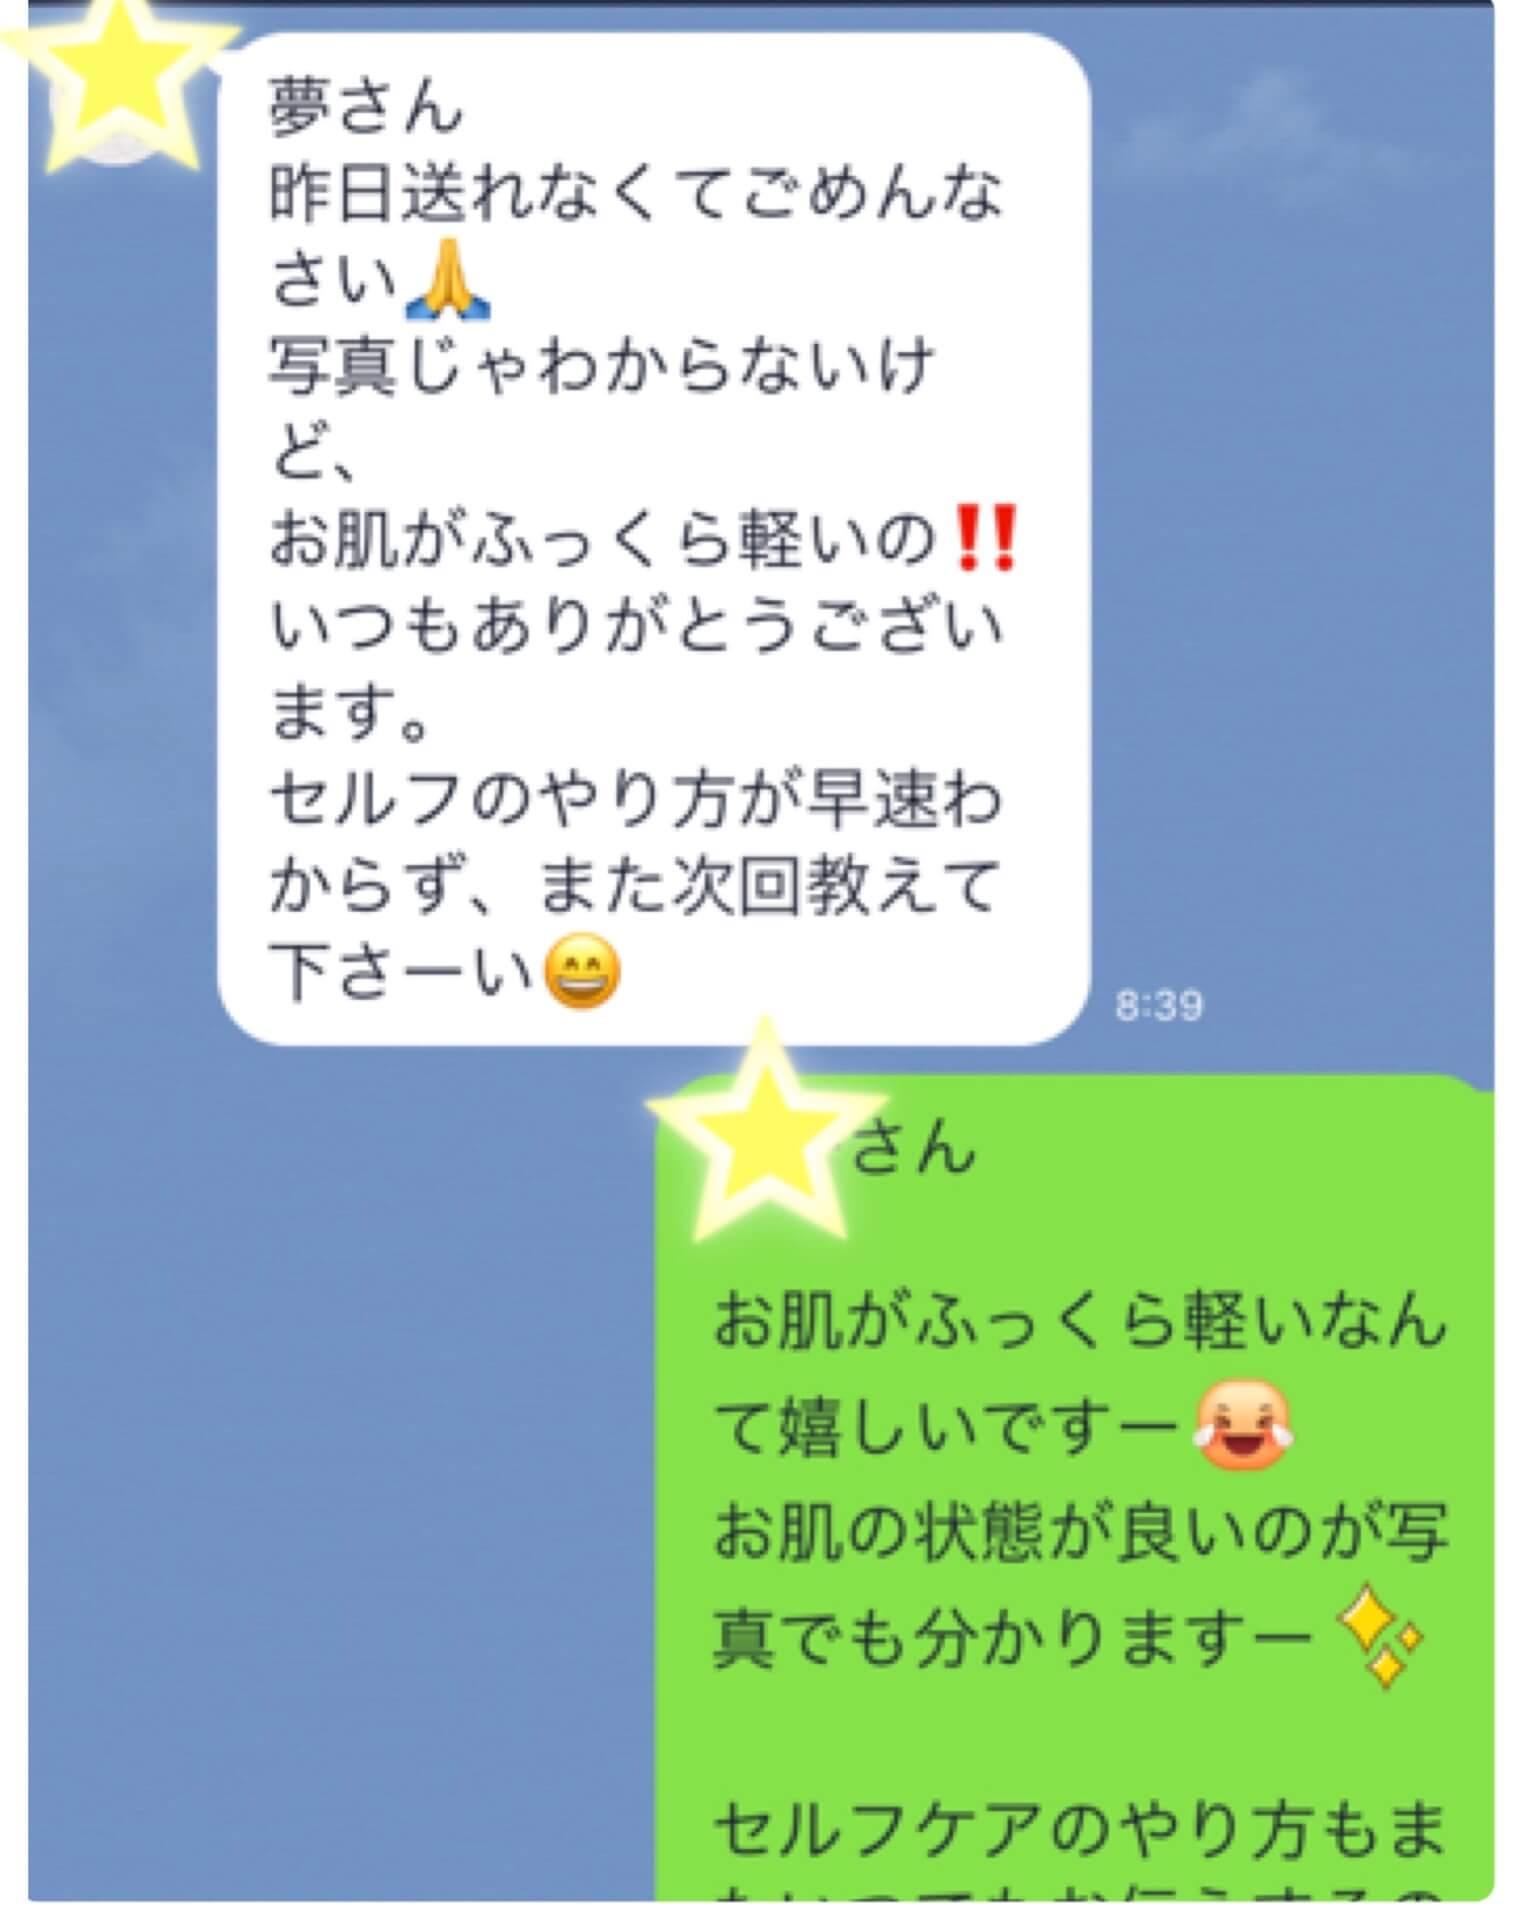 お客さまの声(小顔)@LINE